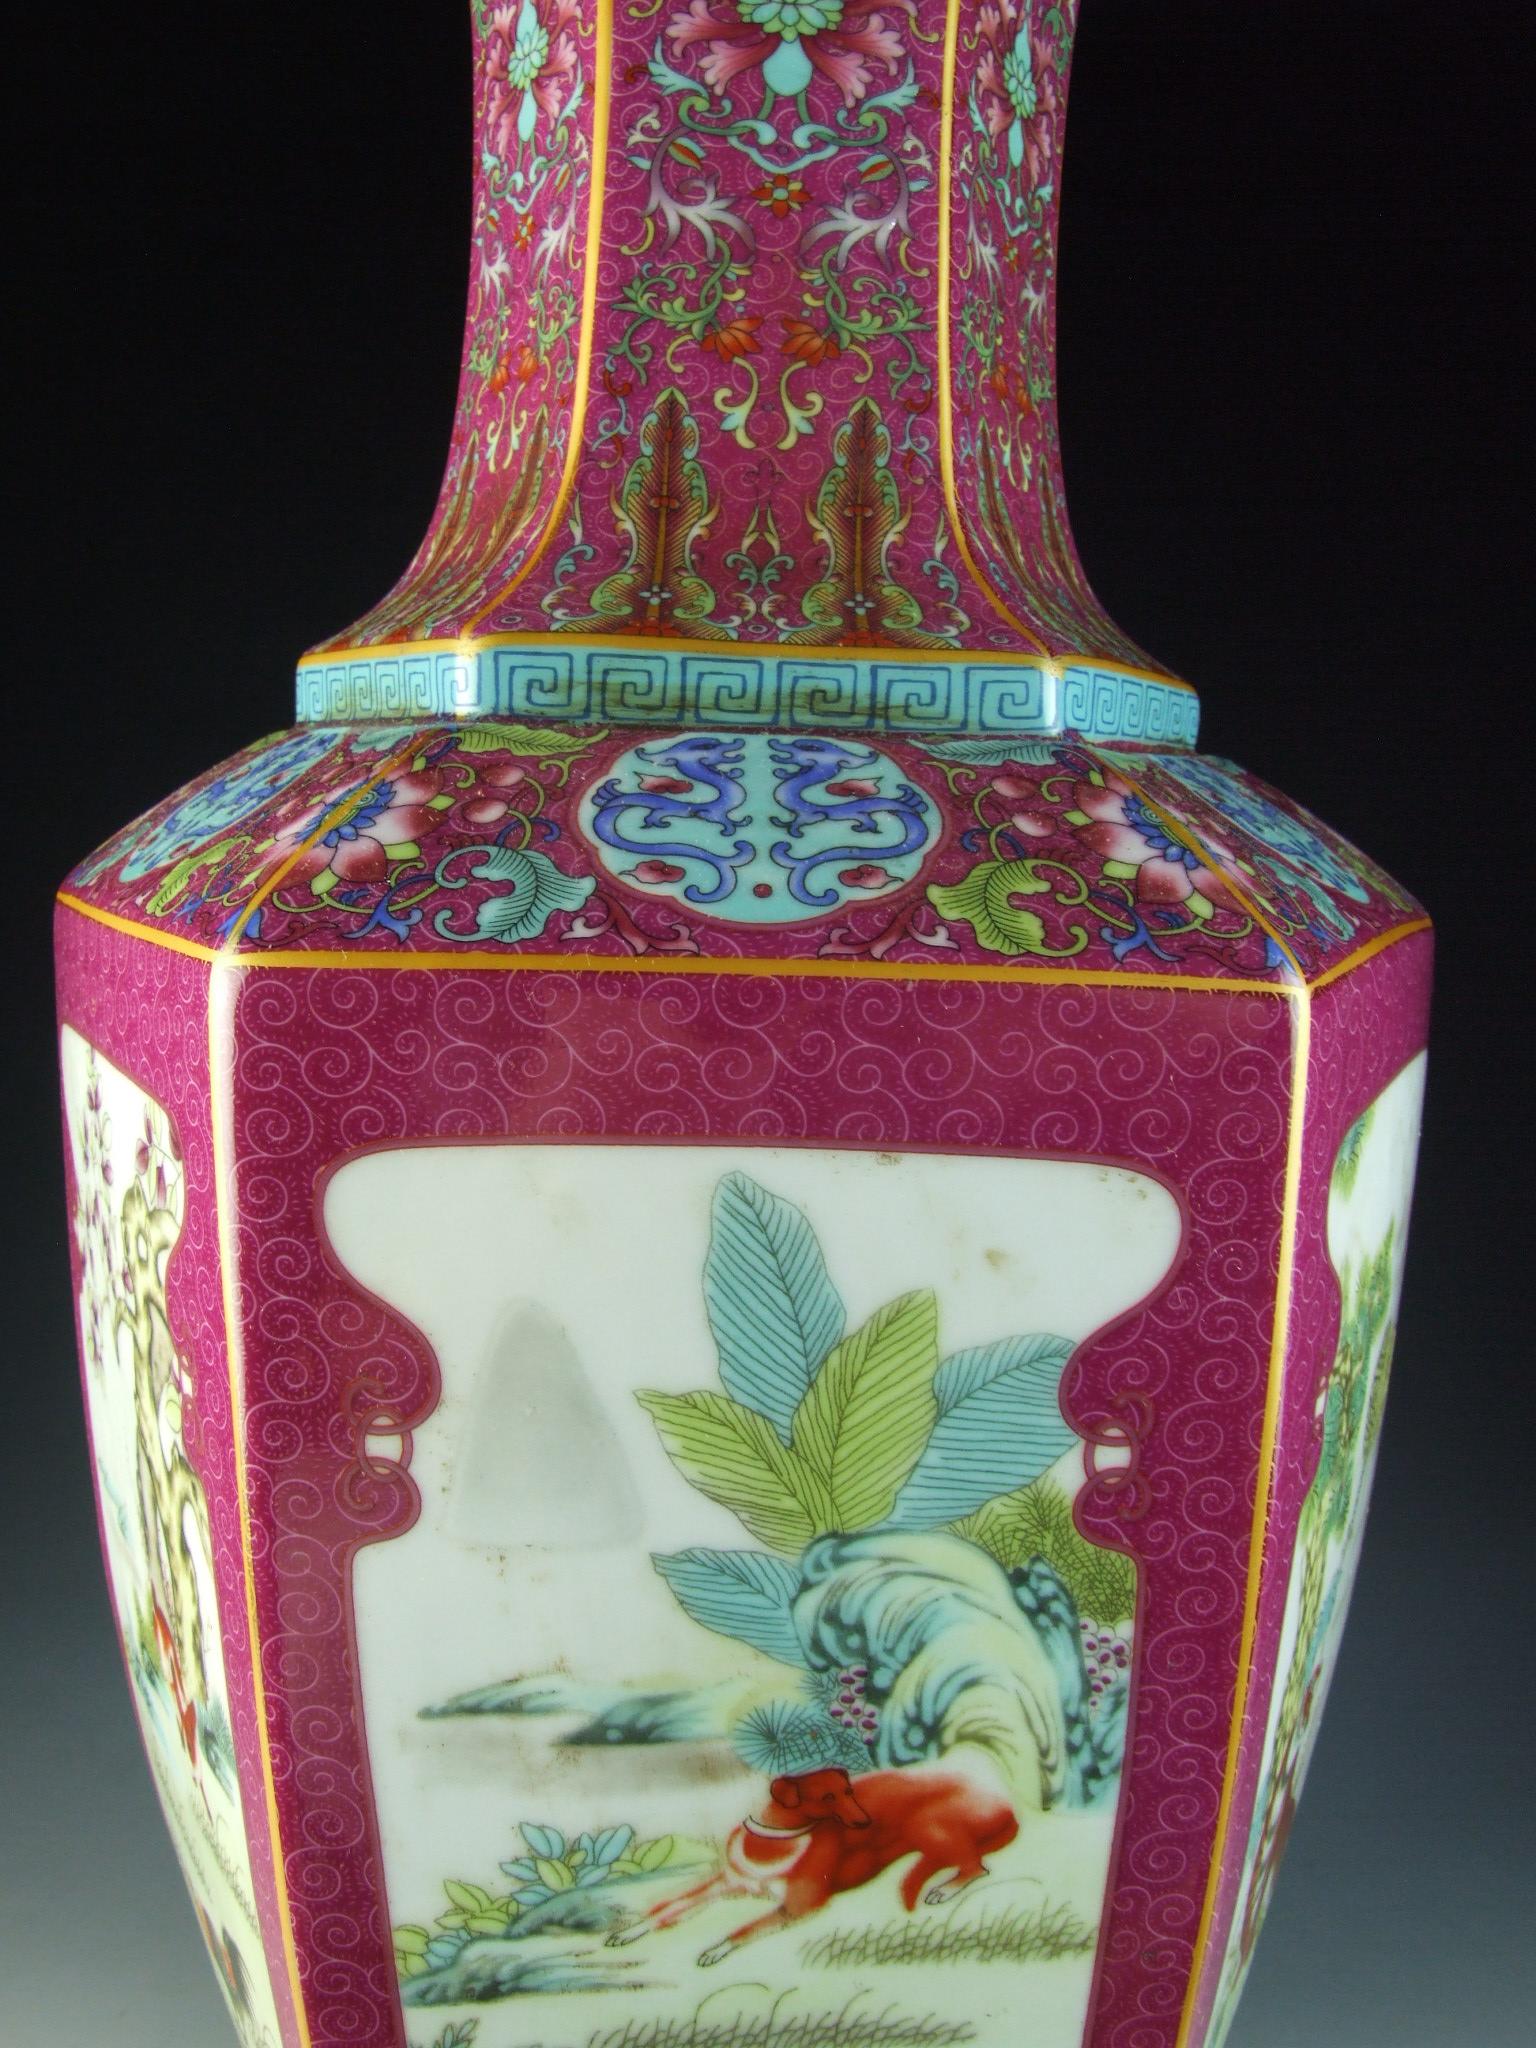 Chinese antique enamel ware color porcelain vase with 12 zodiac chinese antique enamel ware color porcelain vase with reviewsmspy